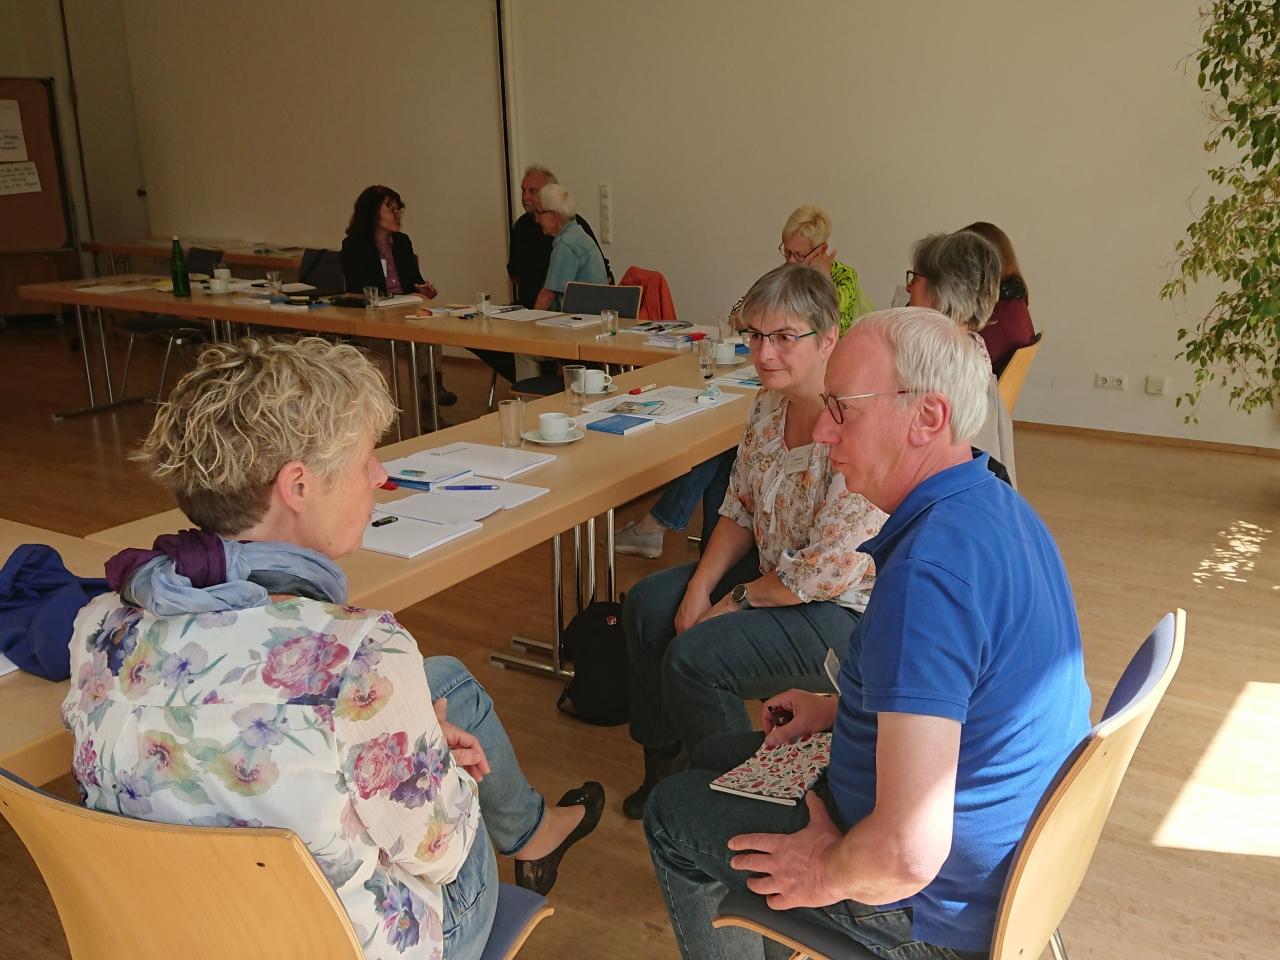 Teilnehmende des Schnuppertags in Altenkirchen im Gespräch